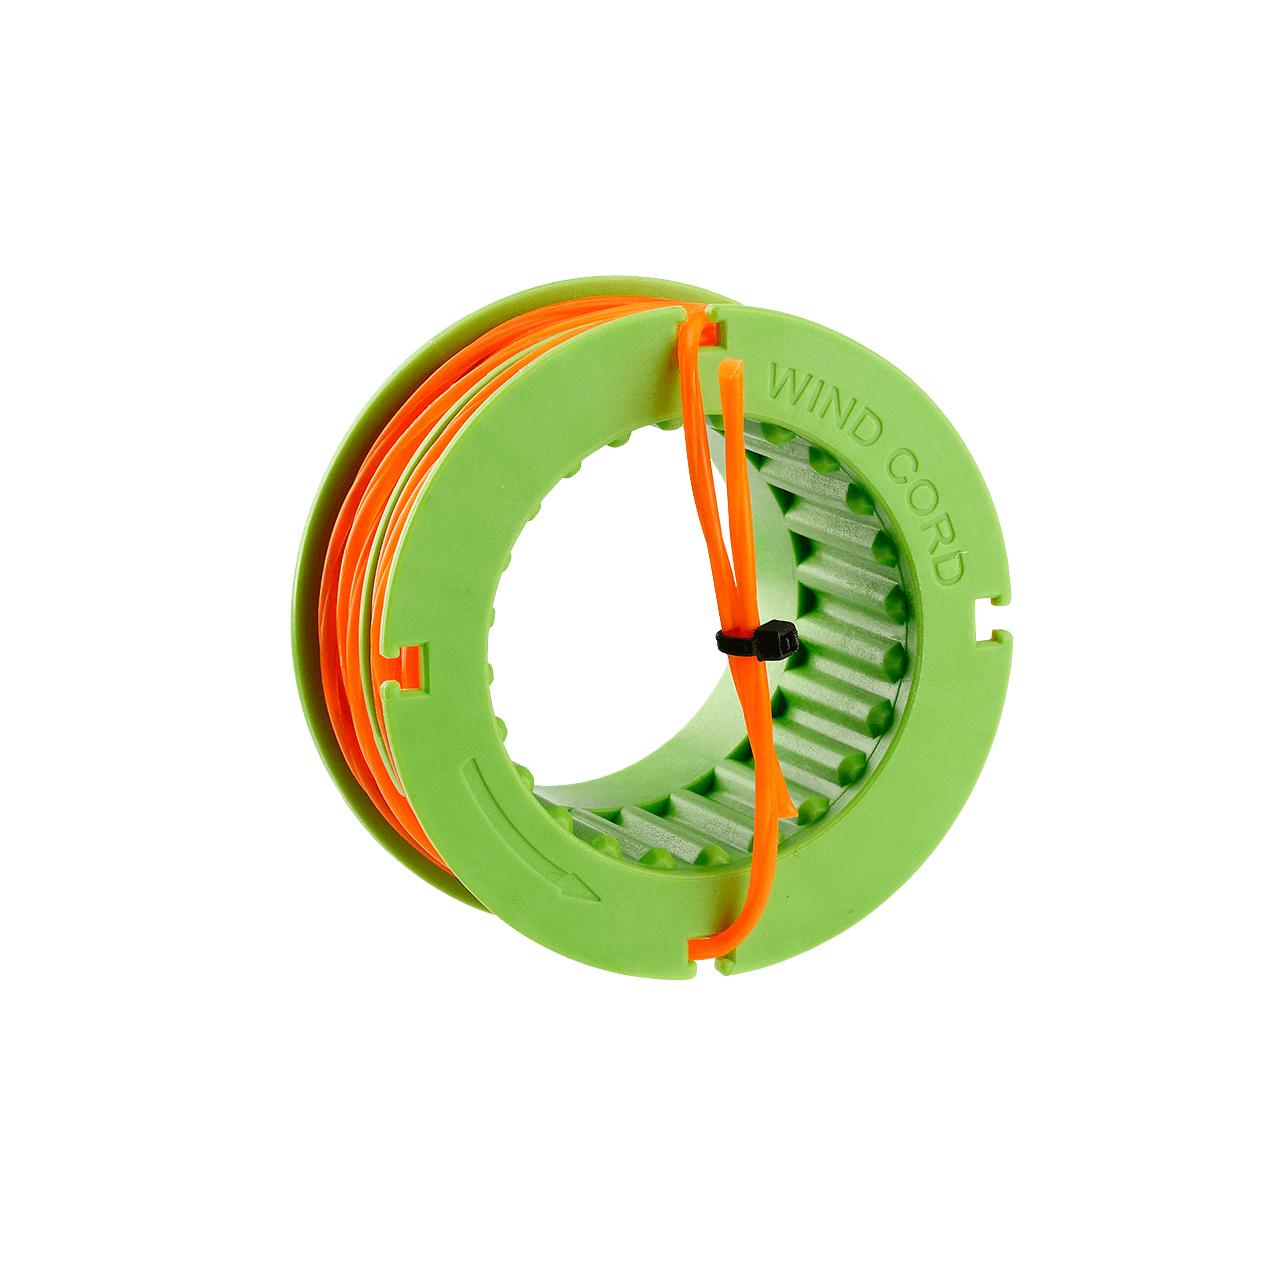 Rasentrimmerspule AS1300 mit 2,4 mm Twist-Faden für ST1500E und BC1500E